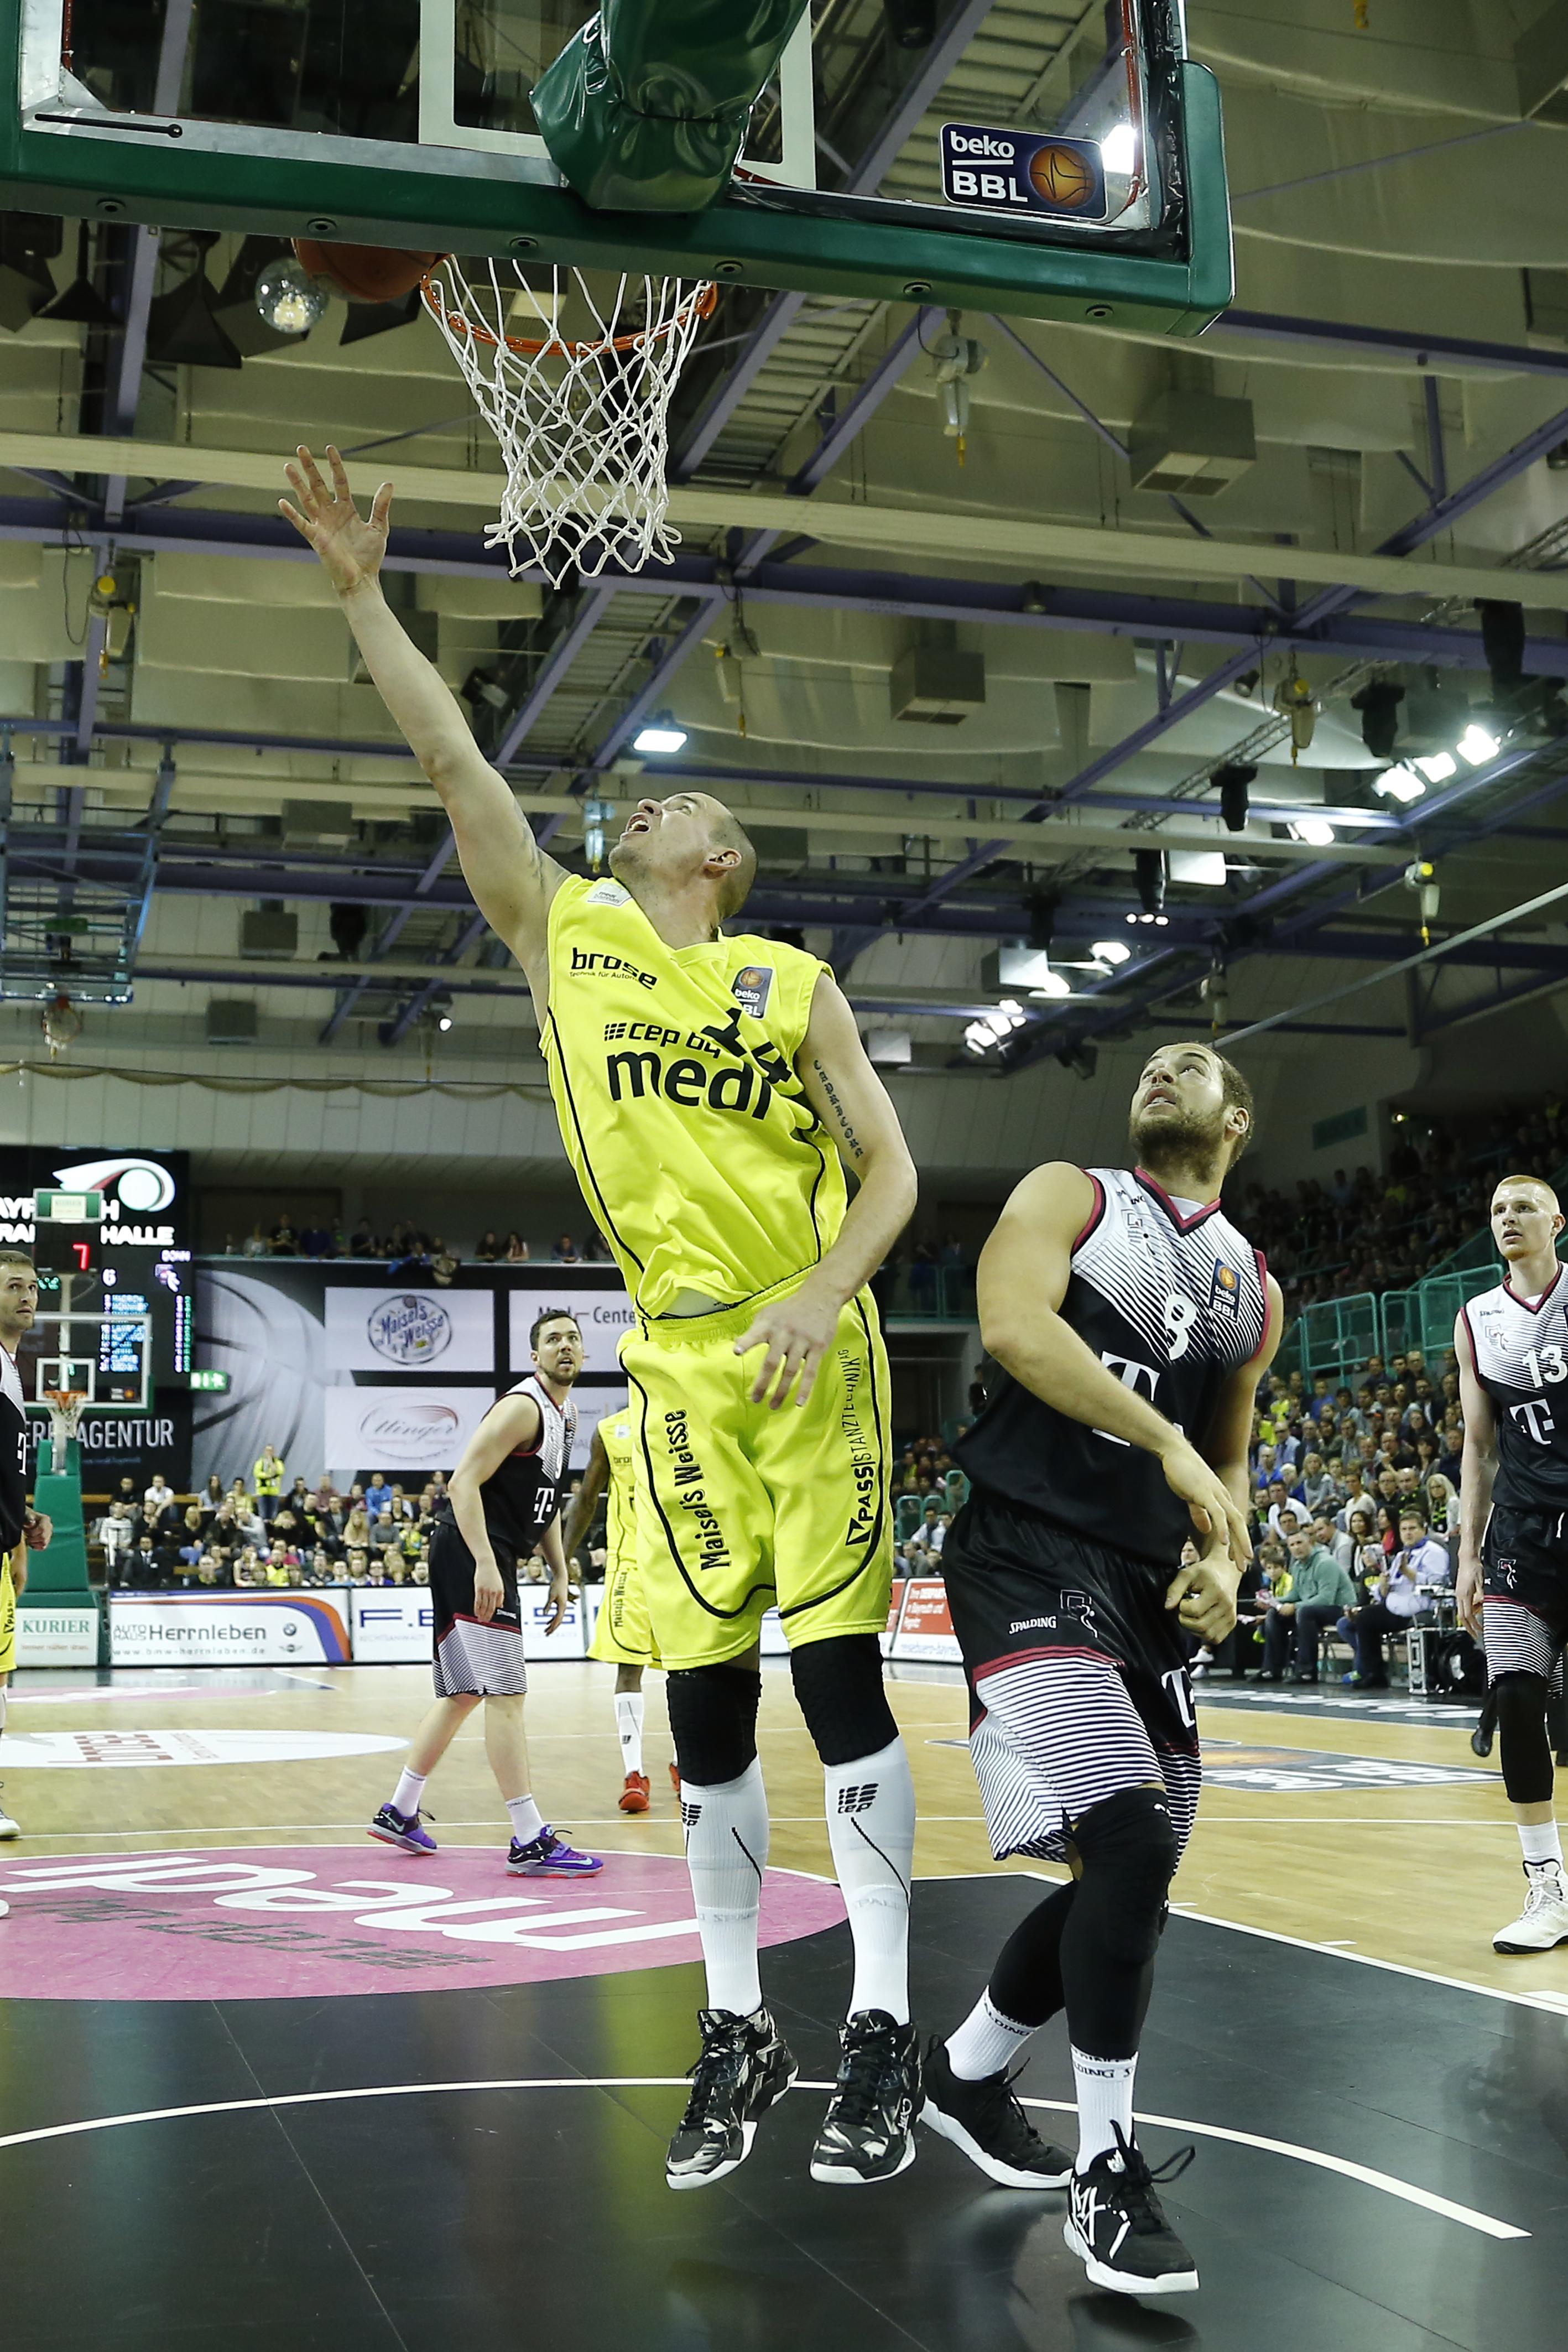 Fotos vom Bachelor: Als Basketballer gegen medi | Bayreuther ...